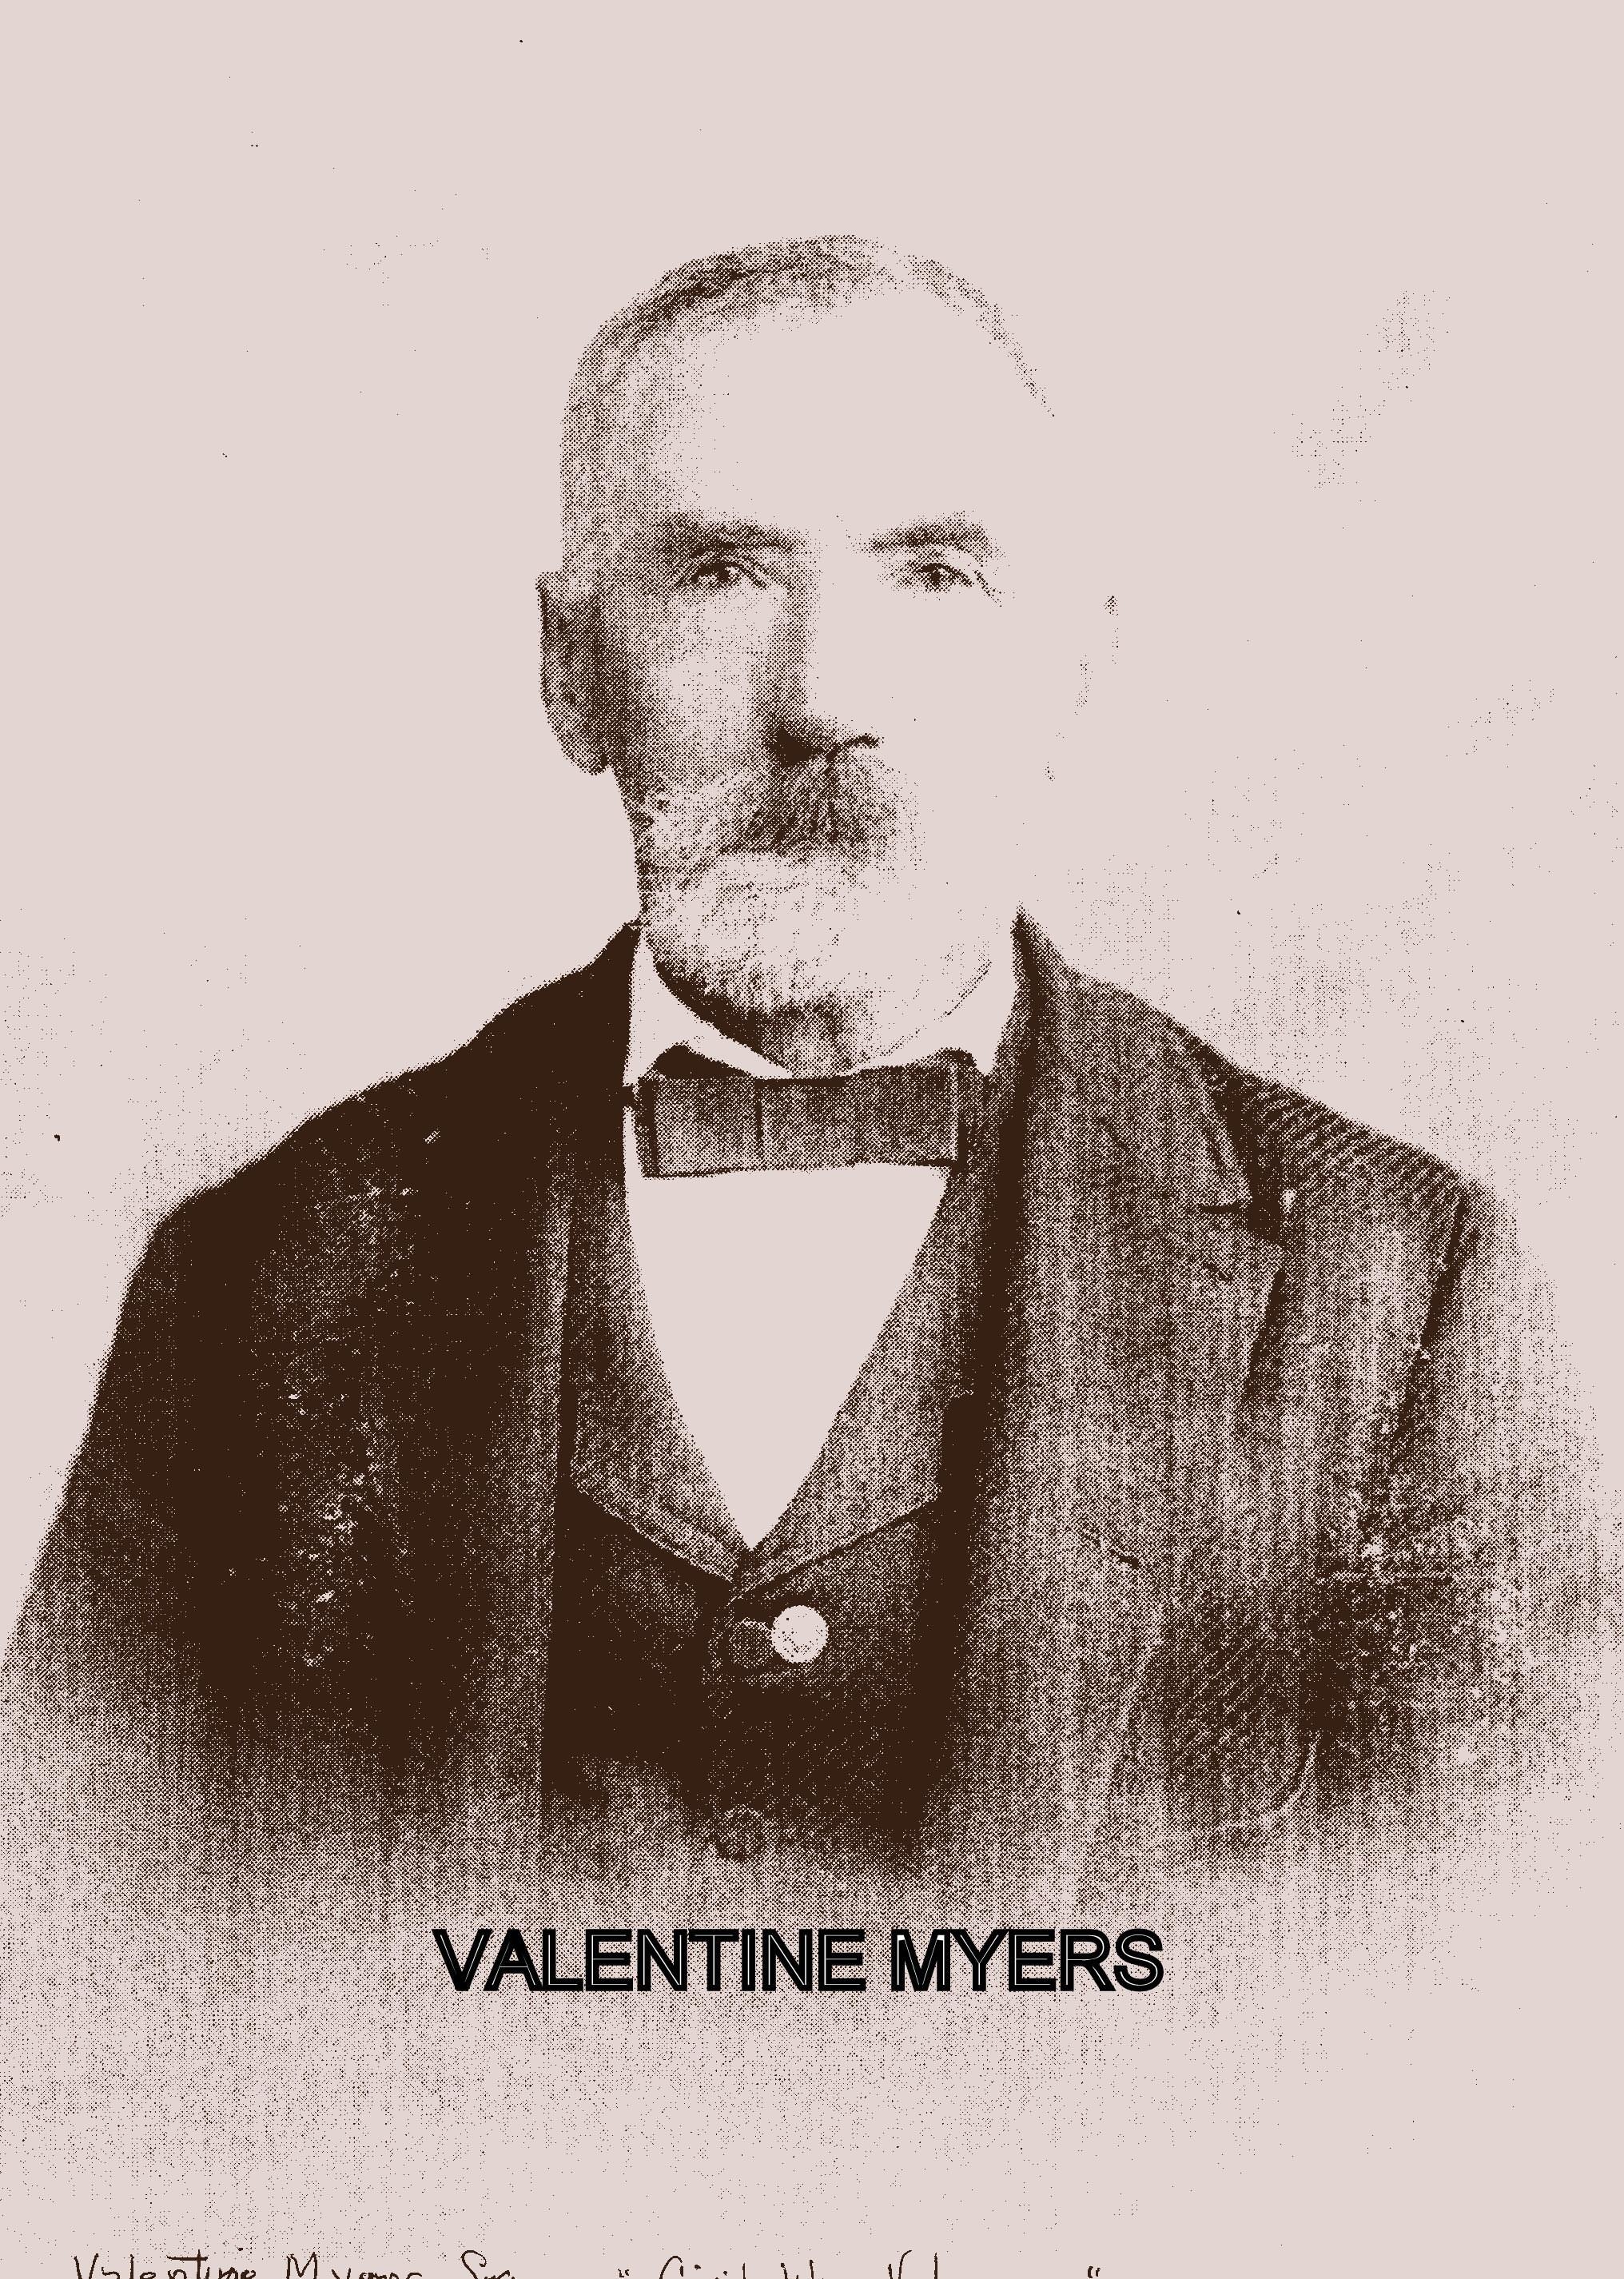 Valentine Myers